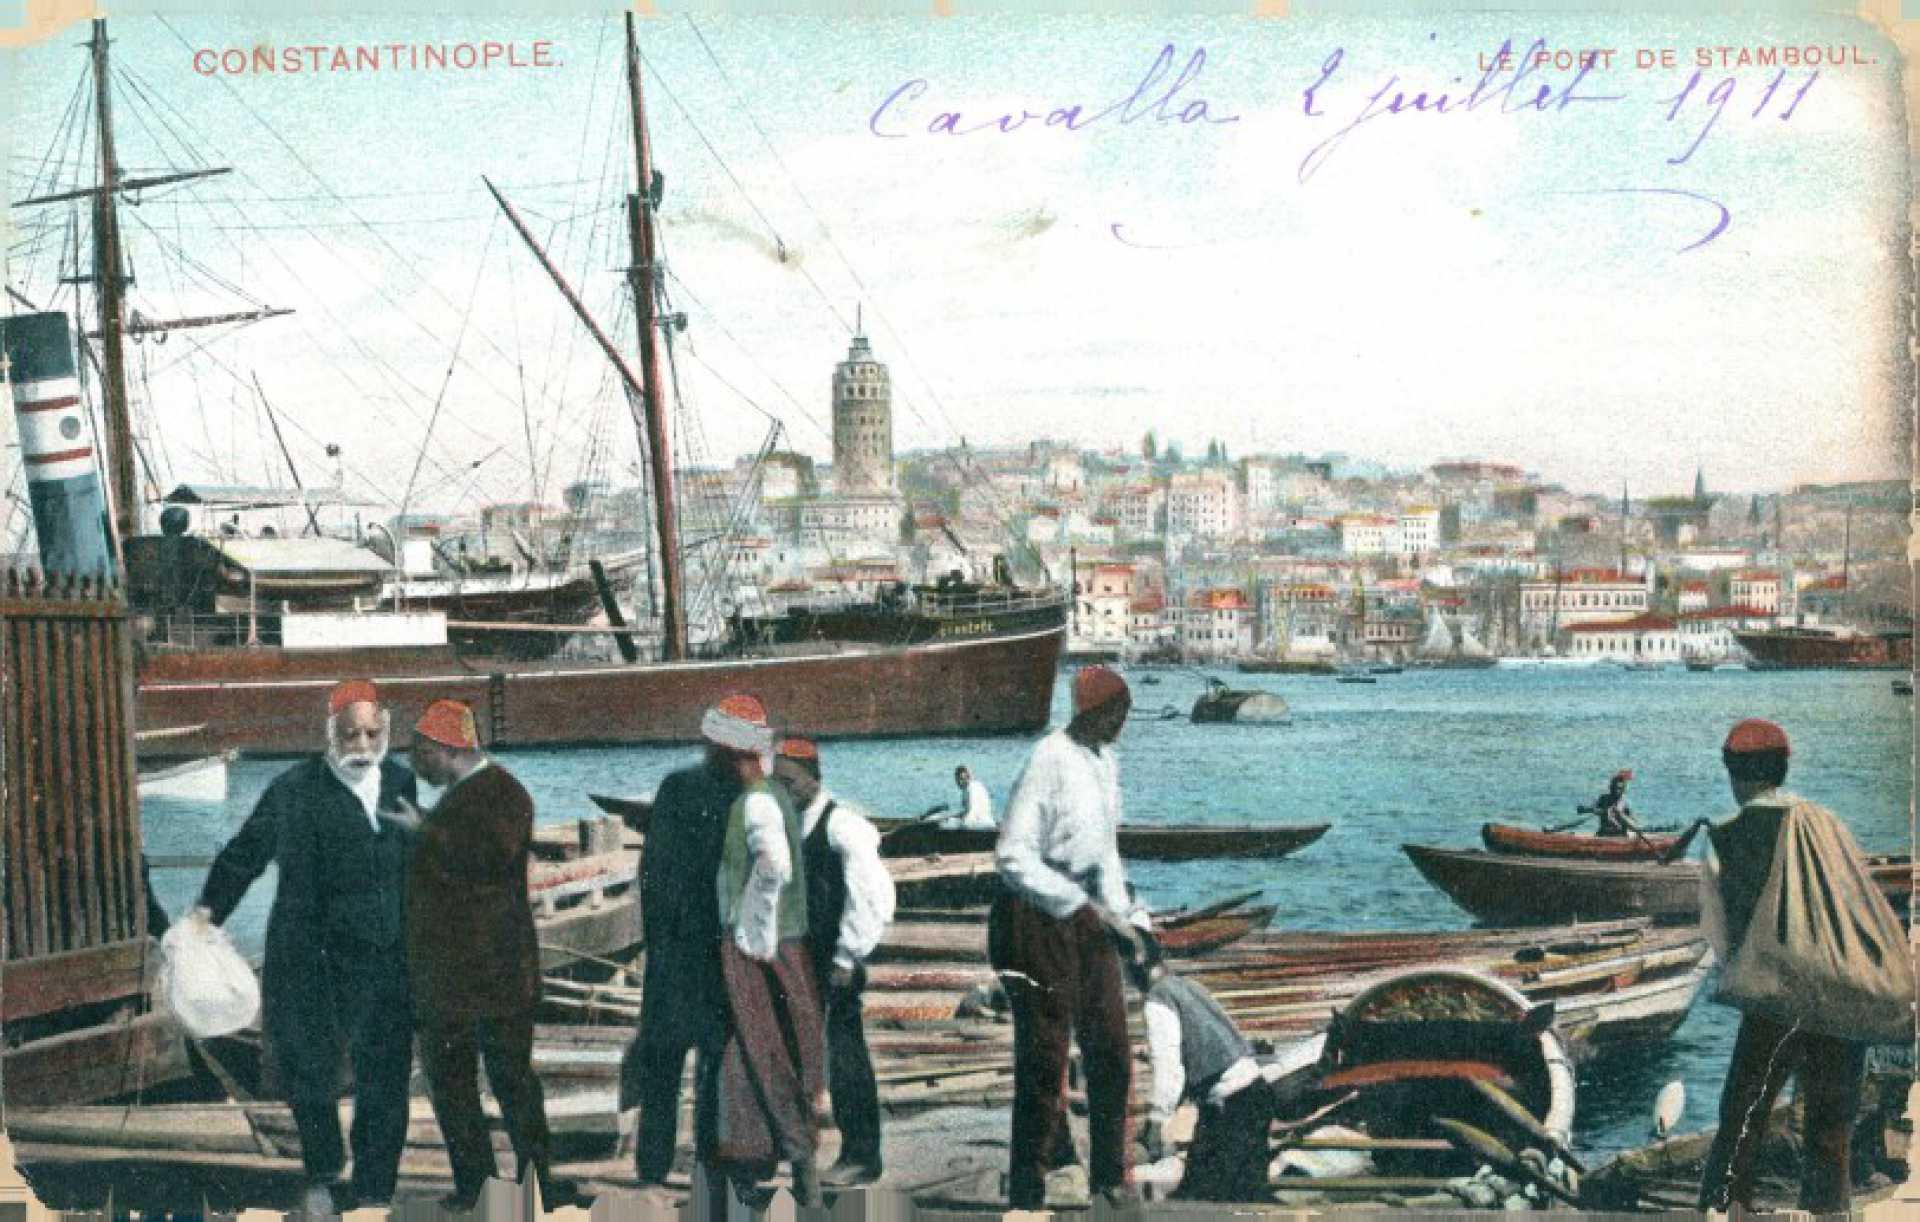 Le port de Stamboul